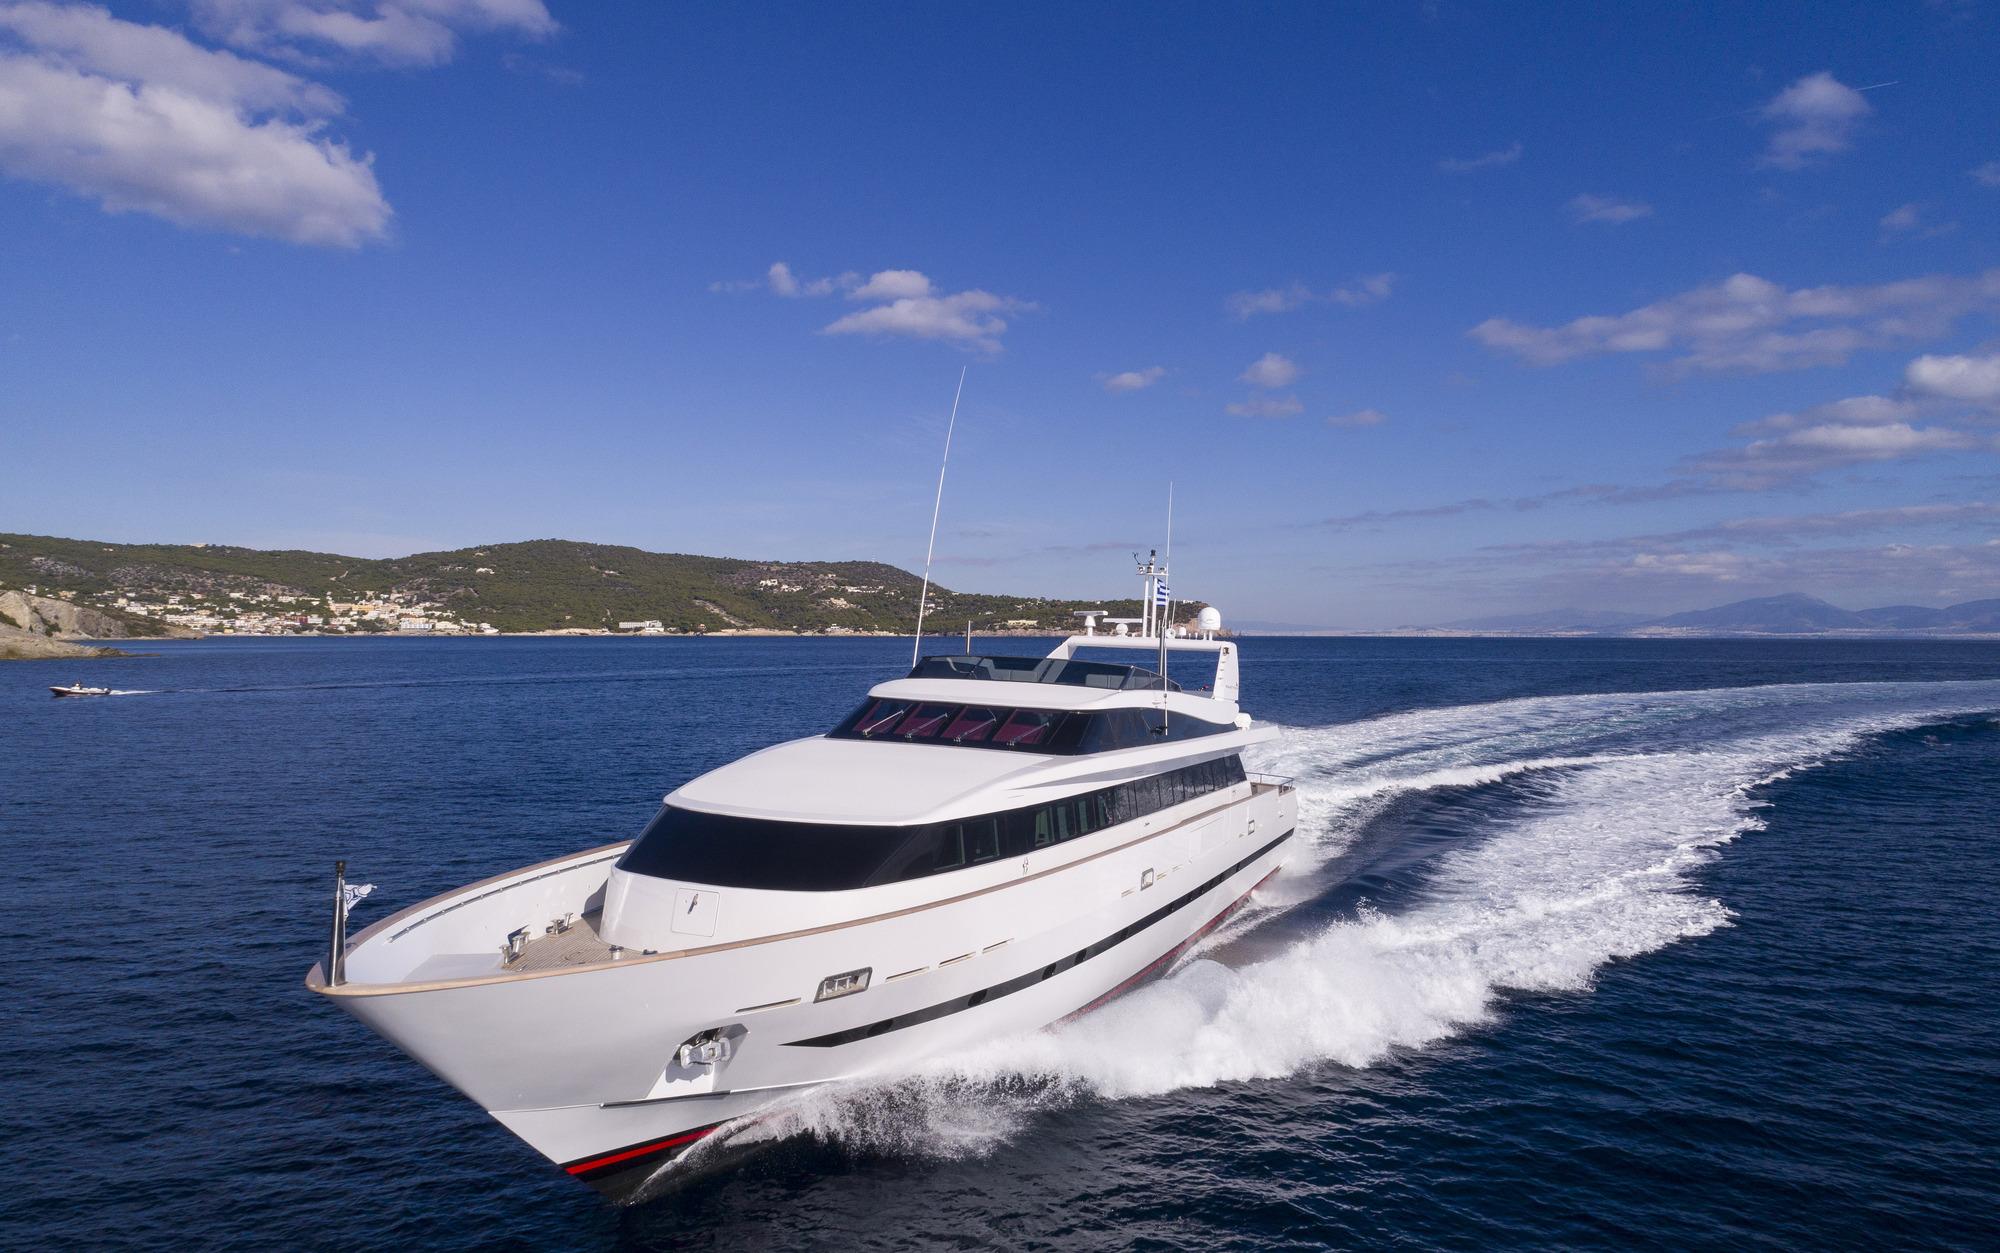 Baglietto Motor Yacht SOLE DI MARE - Underway